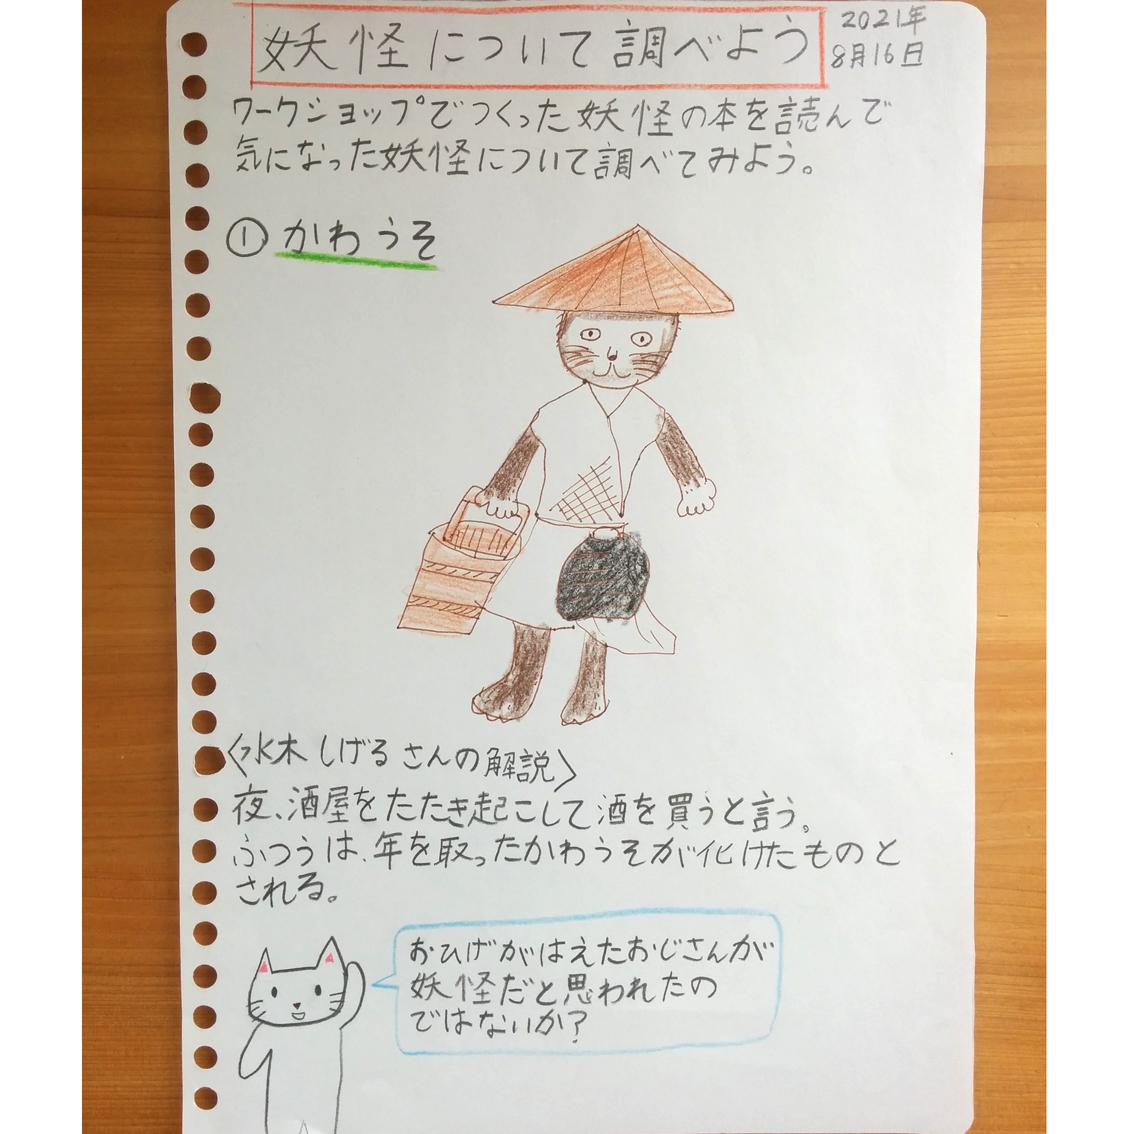 f:id:haruya-oyako:20210830102449j:plain